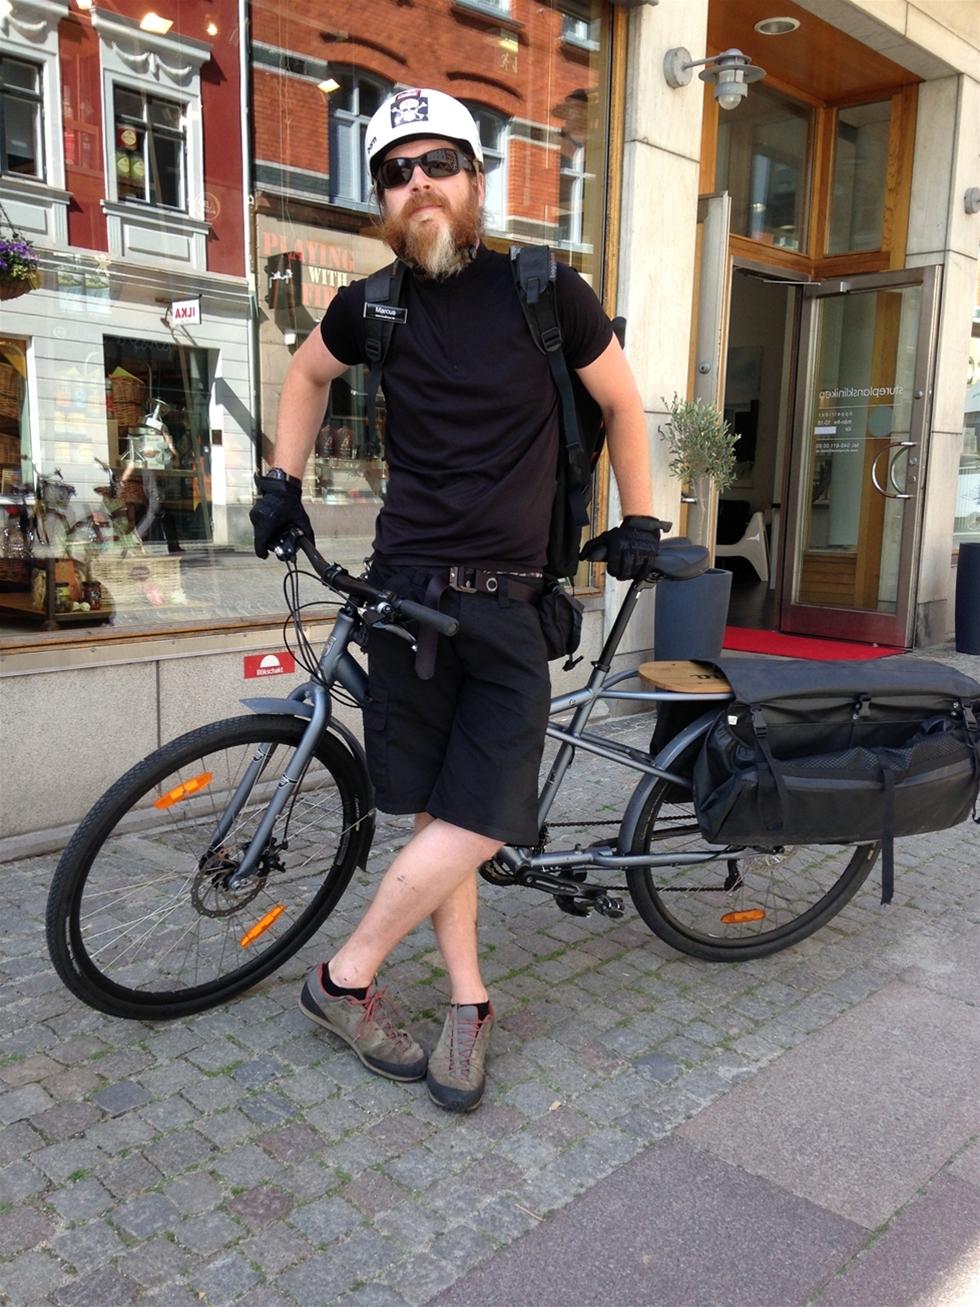 Marknaden för cykelbud var punkterad sedan flera år. Då startade Marcus Björk, 30, Budboys. – Vi utför en stor del av transporterna i Malmö som vilket åkeri som helst. Ett 50-tal uppdrag per dag, säger han.